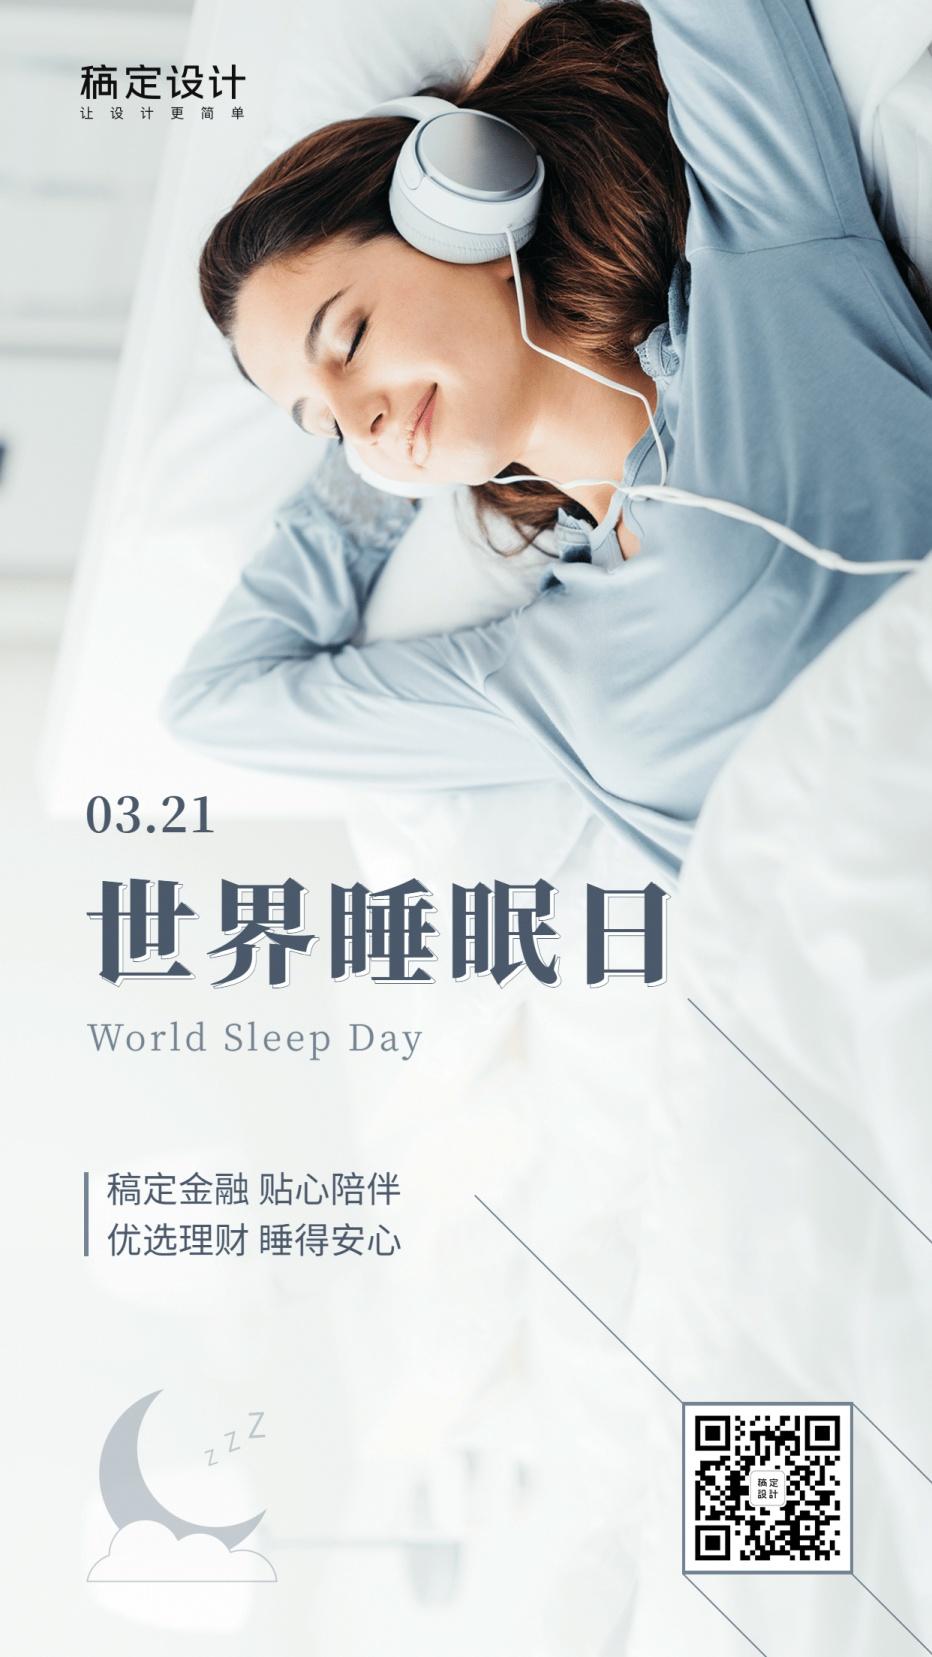 世界睡眠日优选理财简洁商务海报